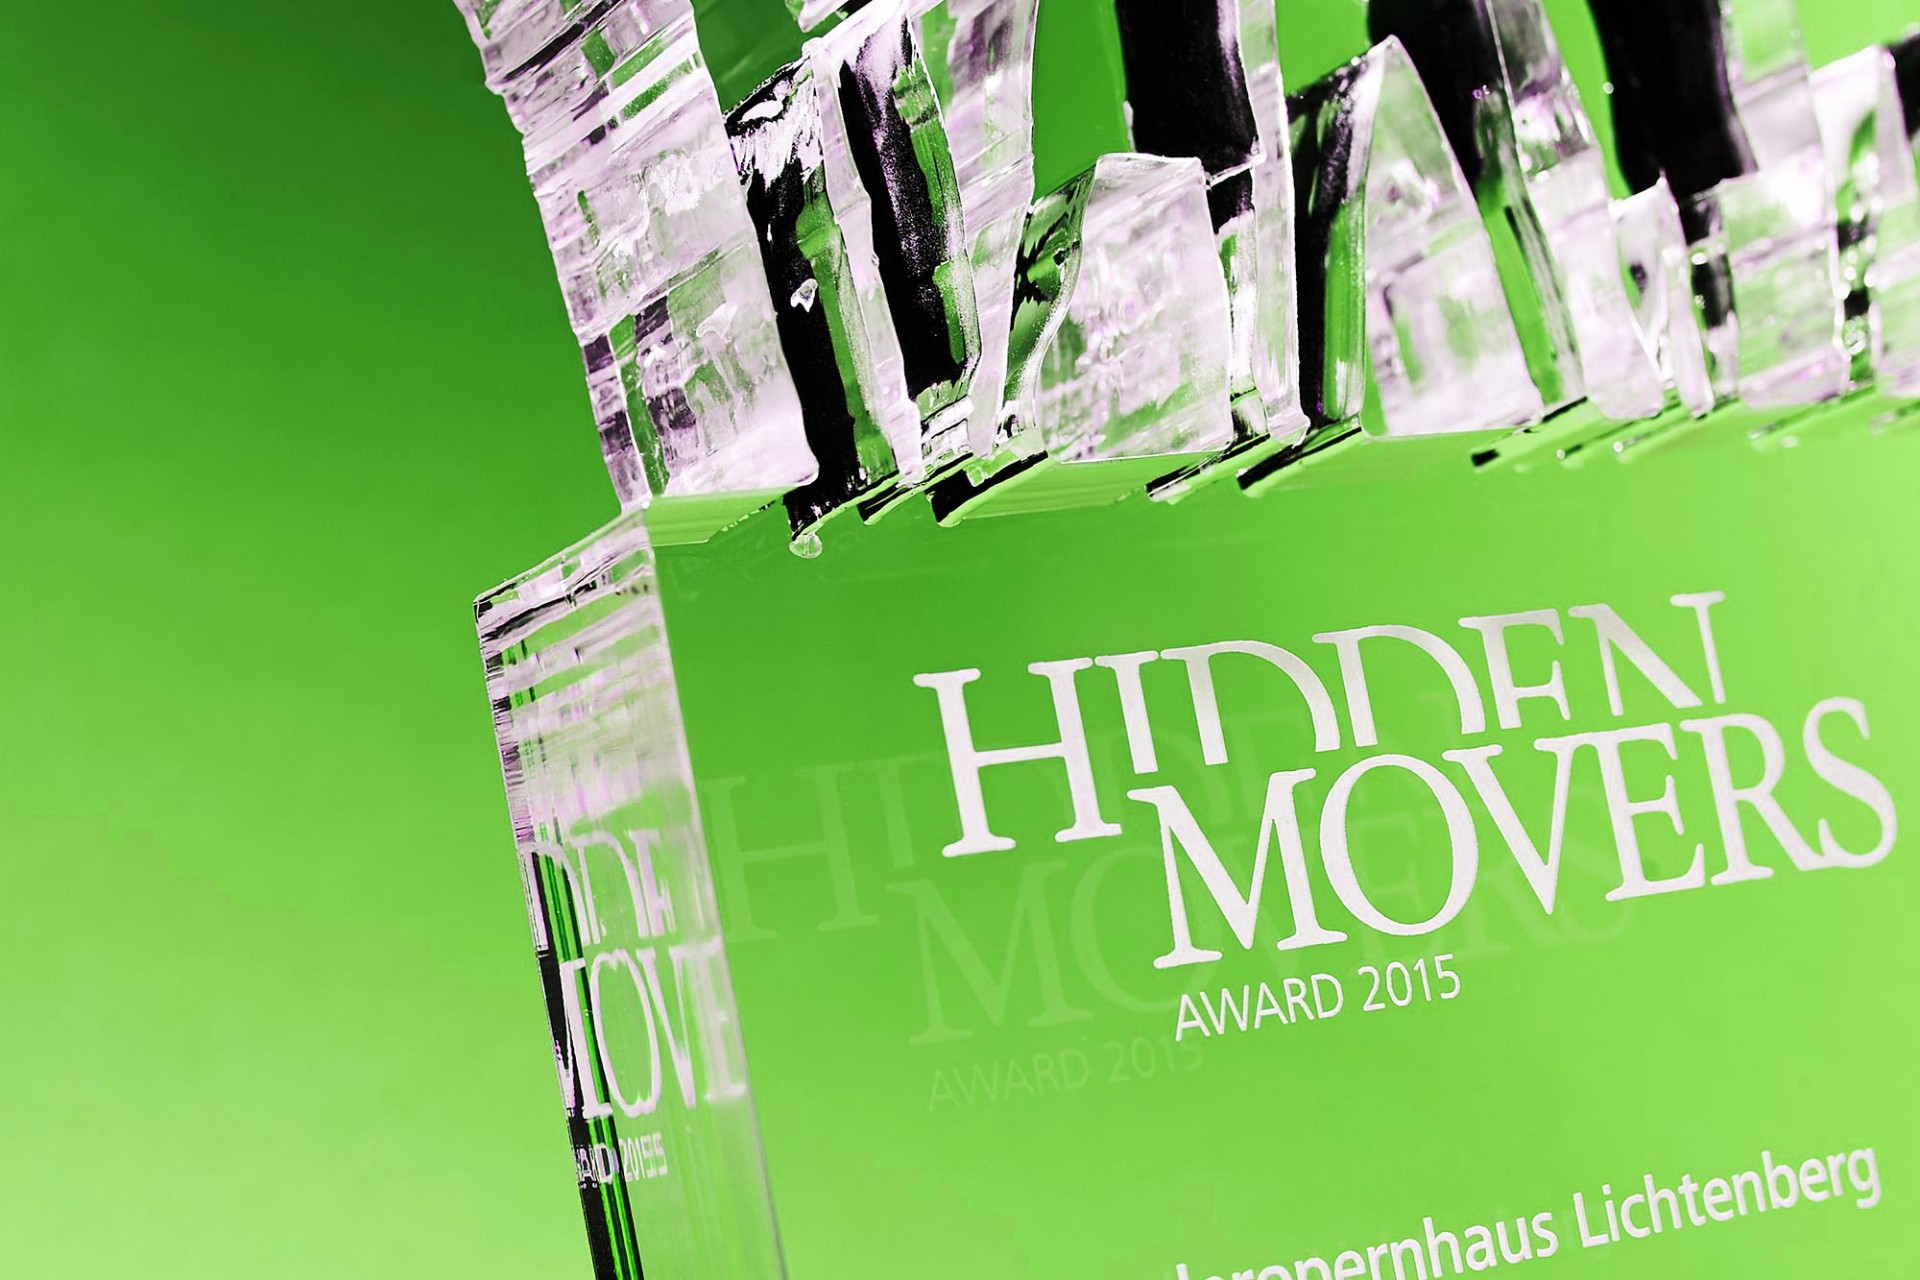 Gestaltanstalt Redesign Hidden Movers Award